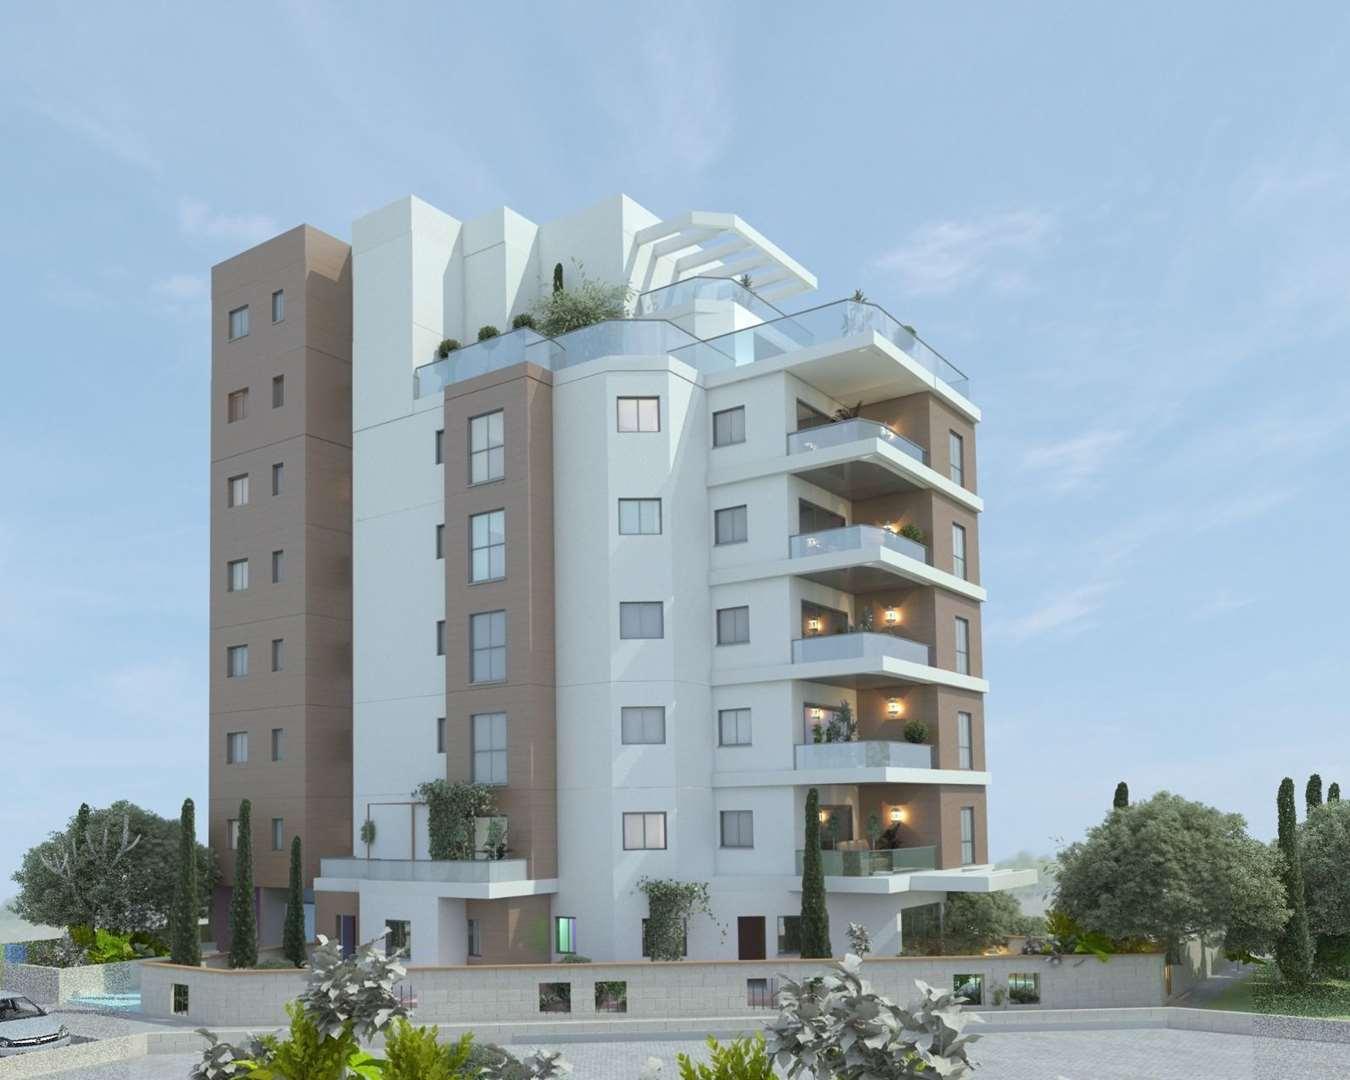 דירה למכירה 5 חדרים בפתח תקווה שיפר אריה לוין